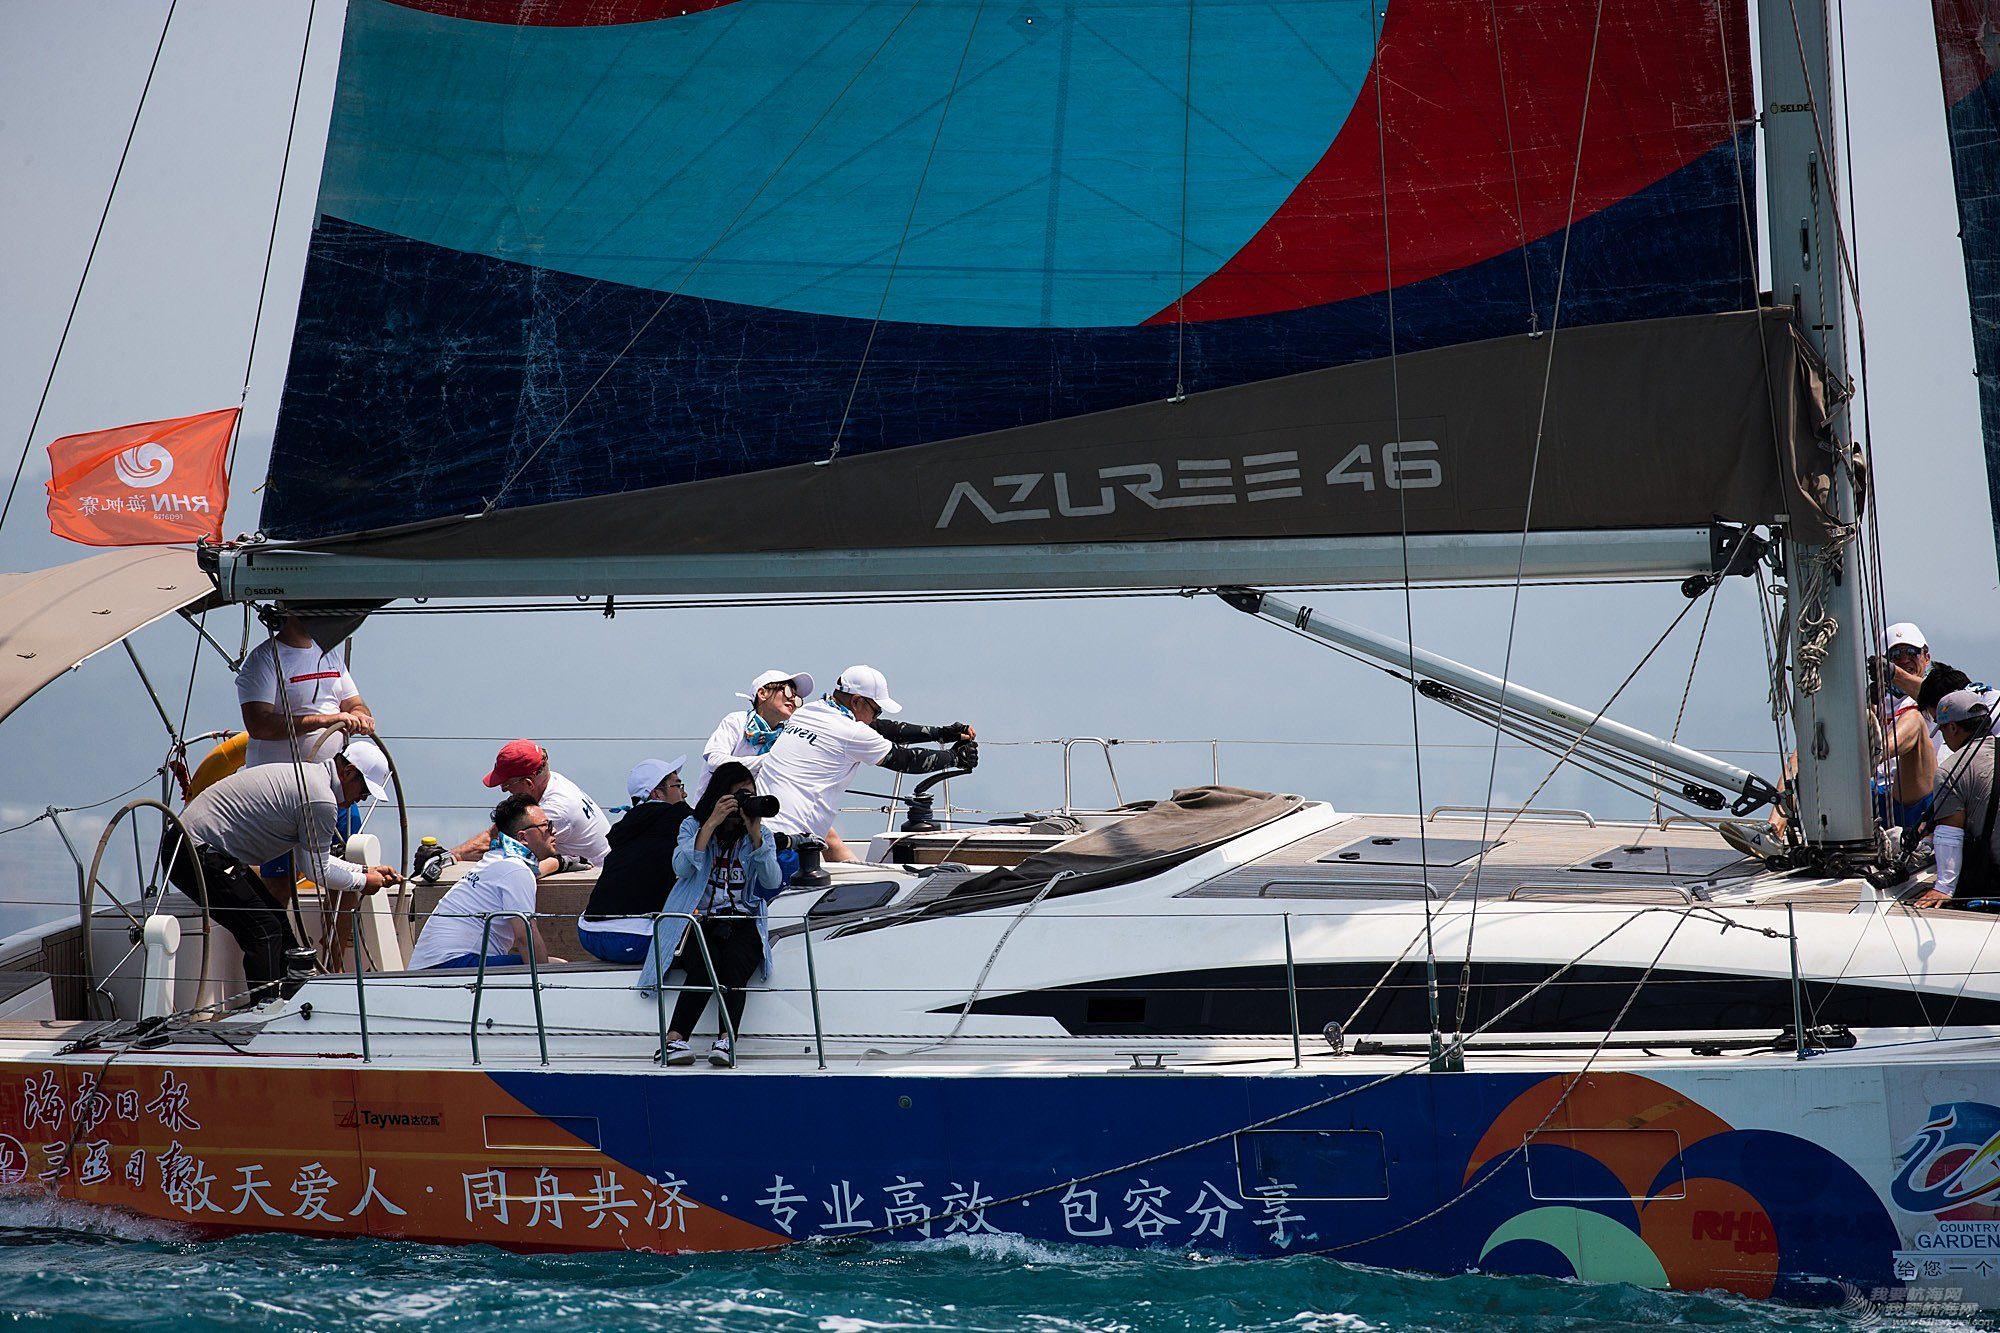 碧桂园杯2018第九届环海南岛国际大帆船赛三亚场地赛赛事图片1